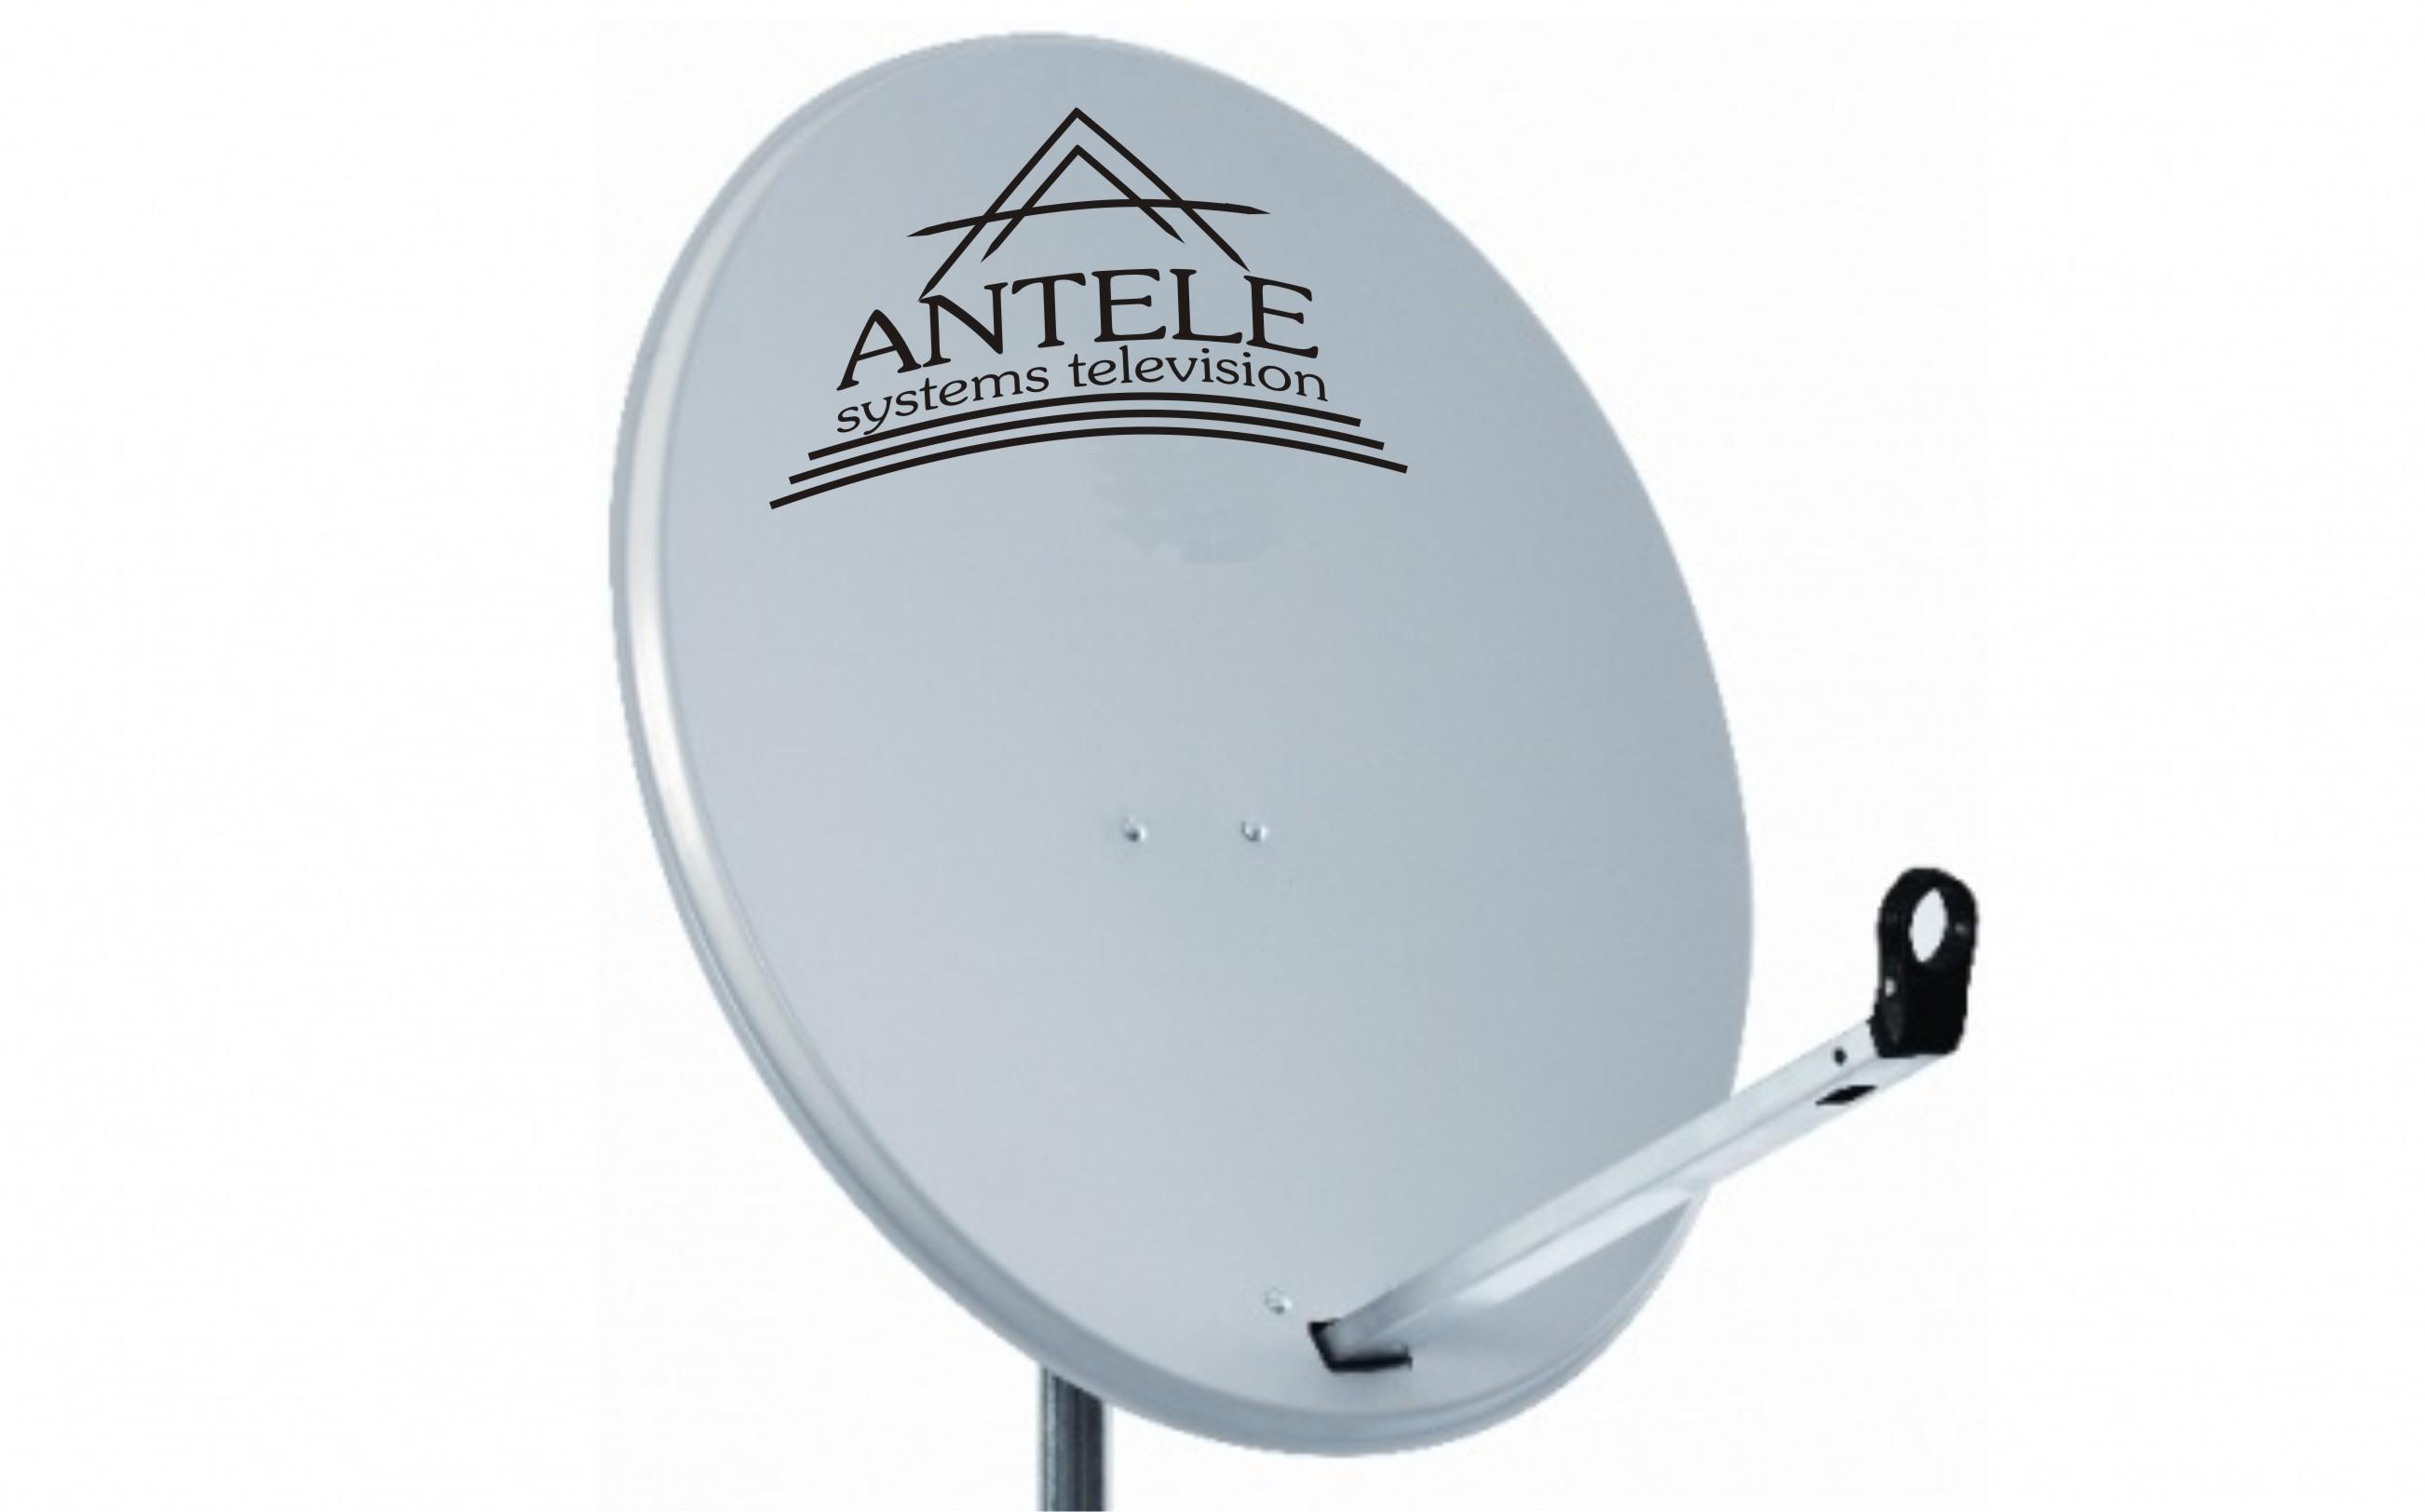 Как выбрать лучший антенный усилитель для своего телевизора